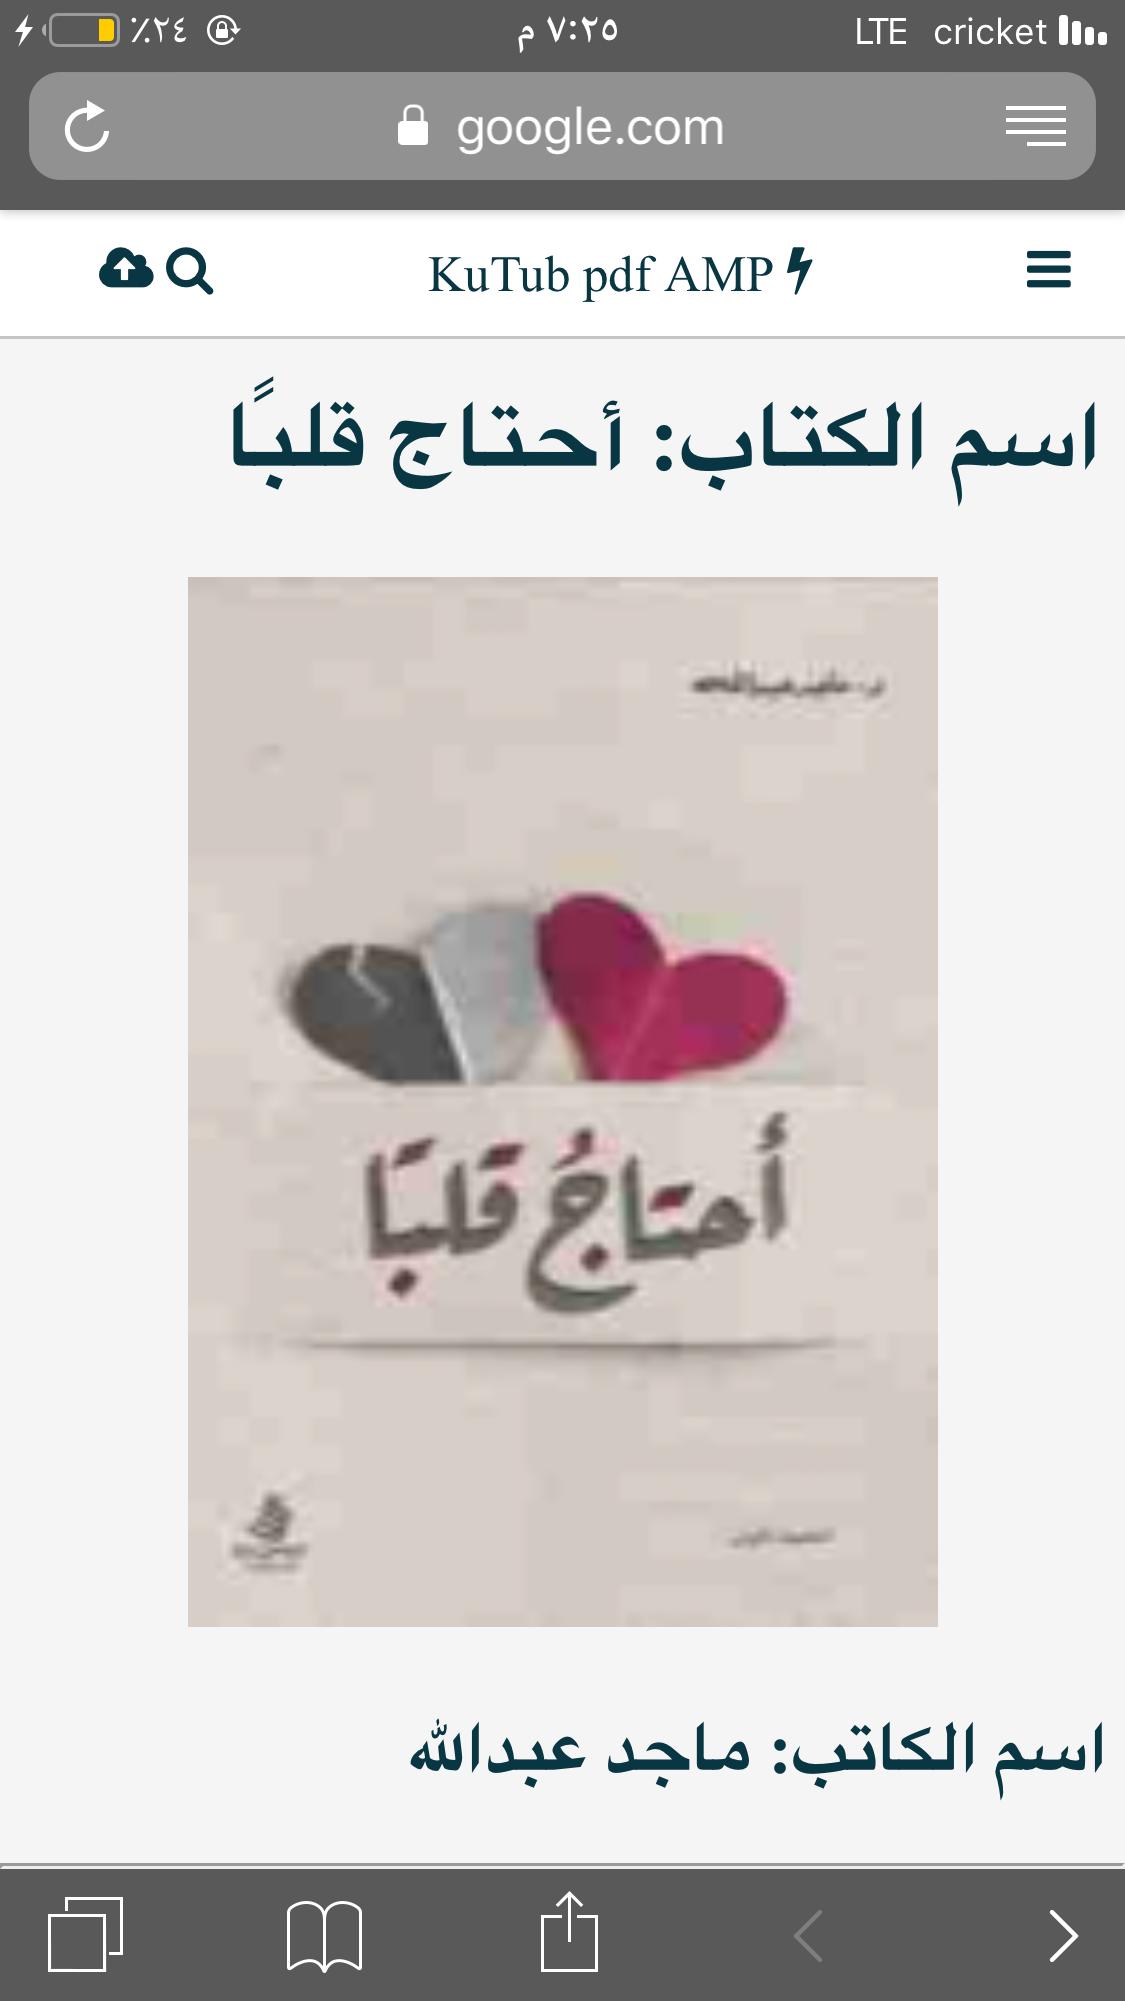 كتاب جميل الكتاب يحتوي على مجموعة من الأبيات الشعرية والنصوص Lte Phone Electronics